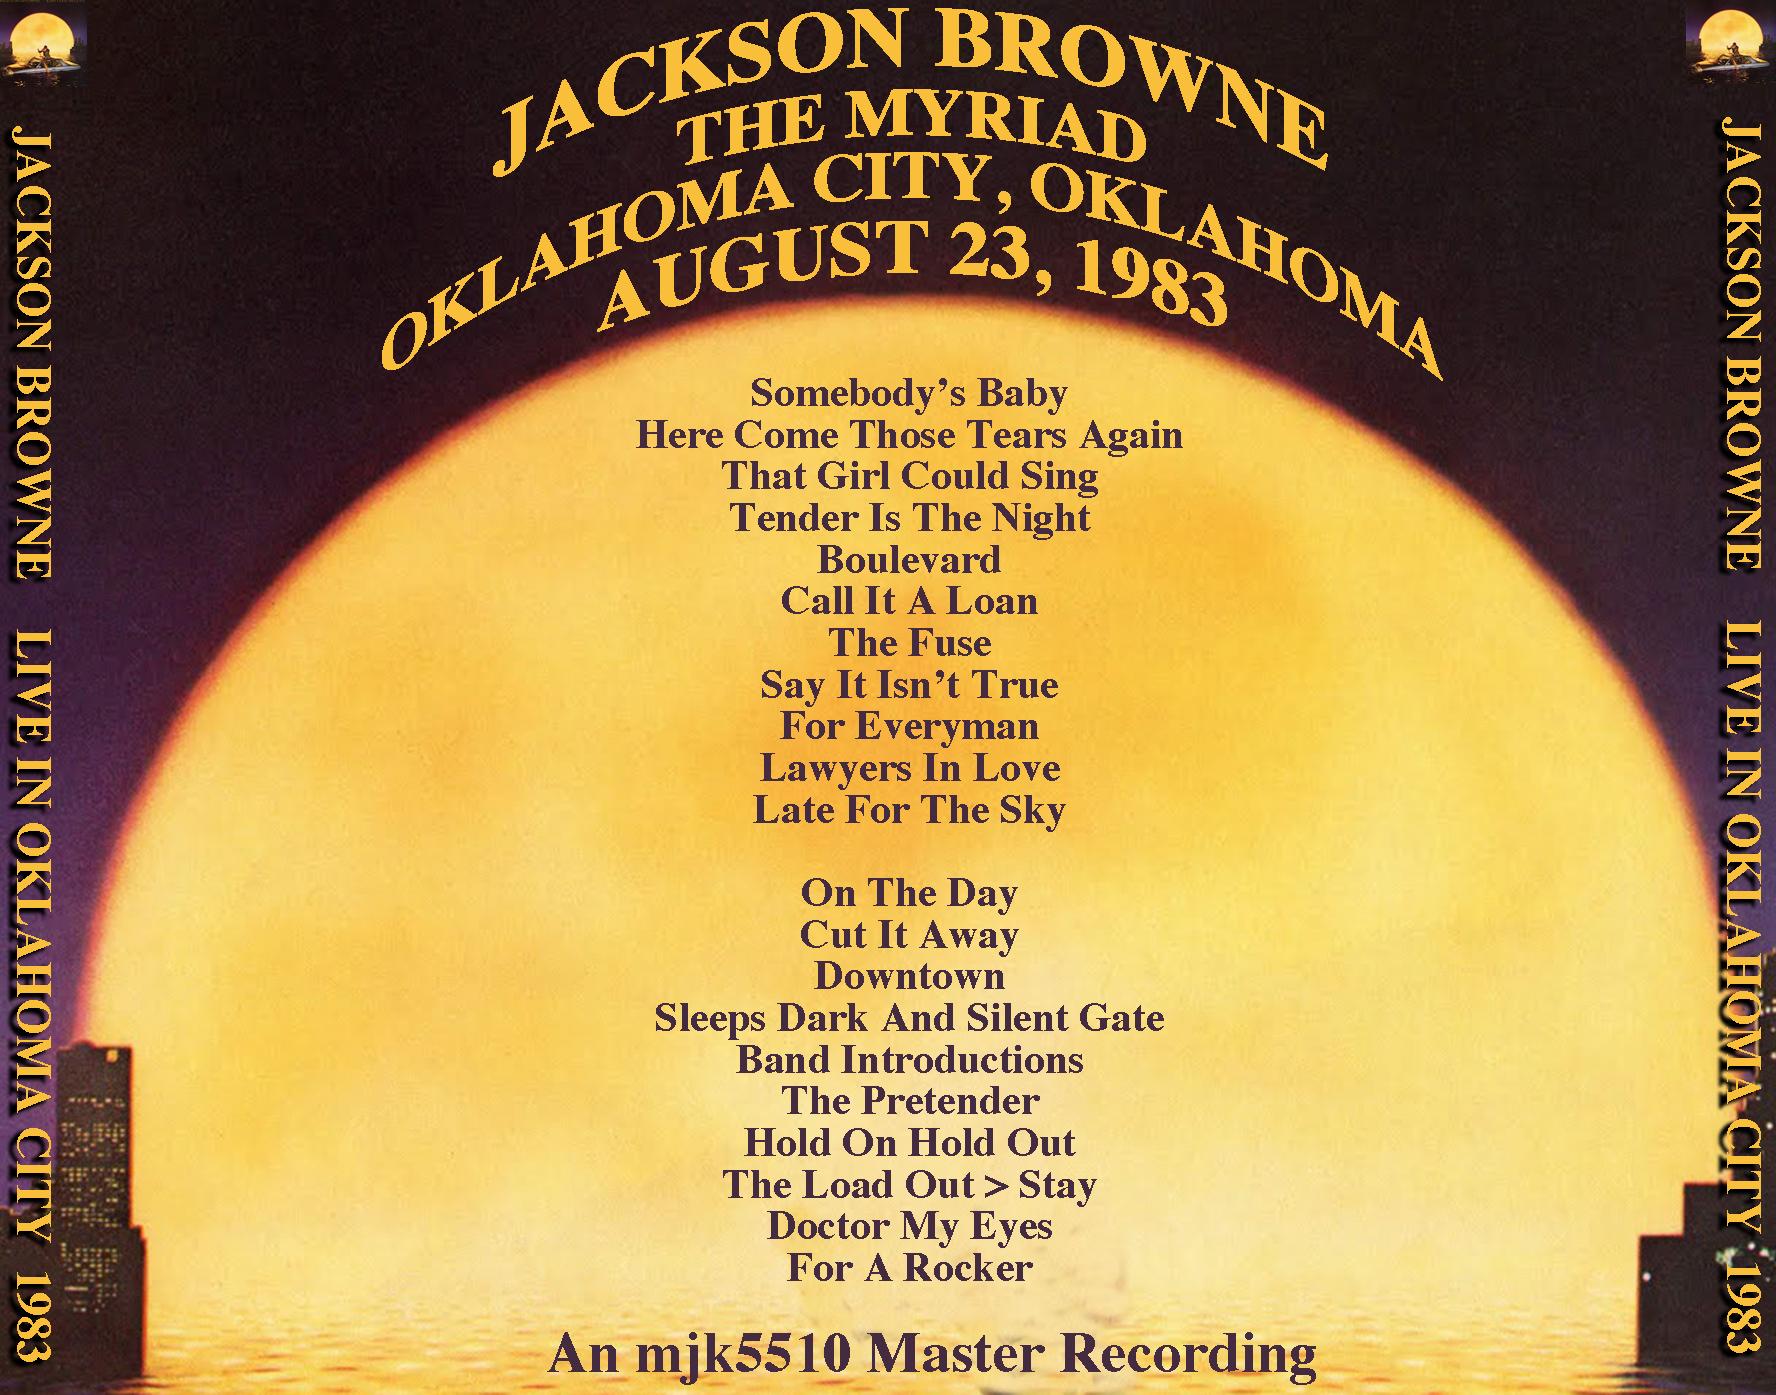 JacksonBrowne1983-08-23TheMyriadOklahomaCityOK.jpg